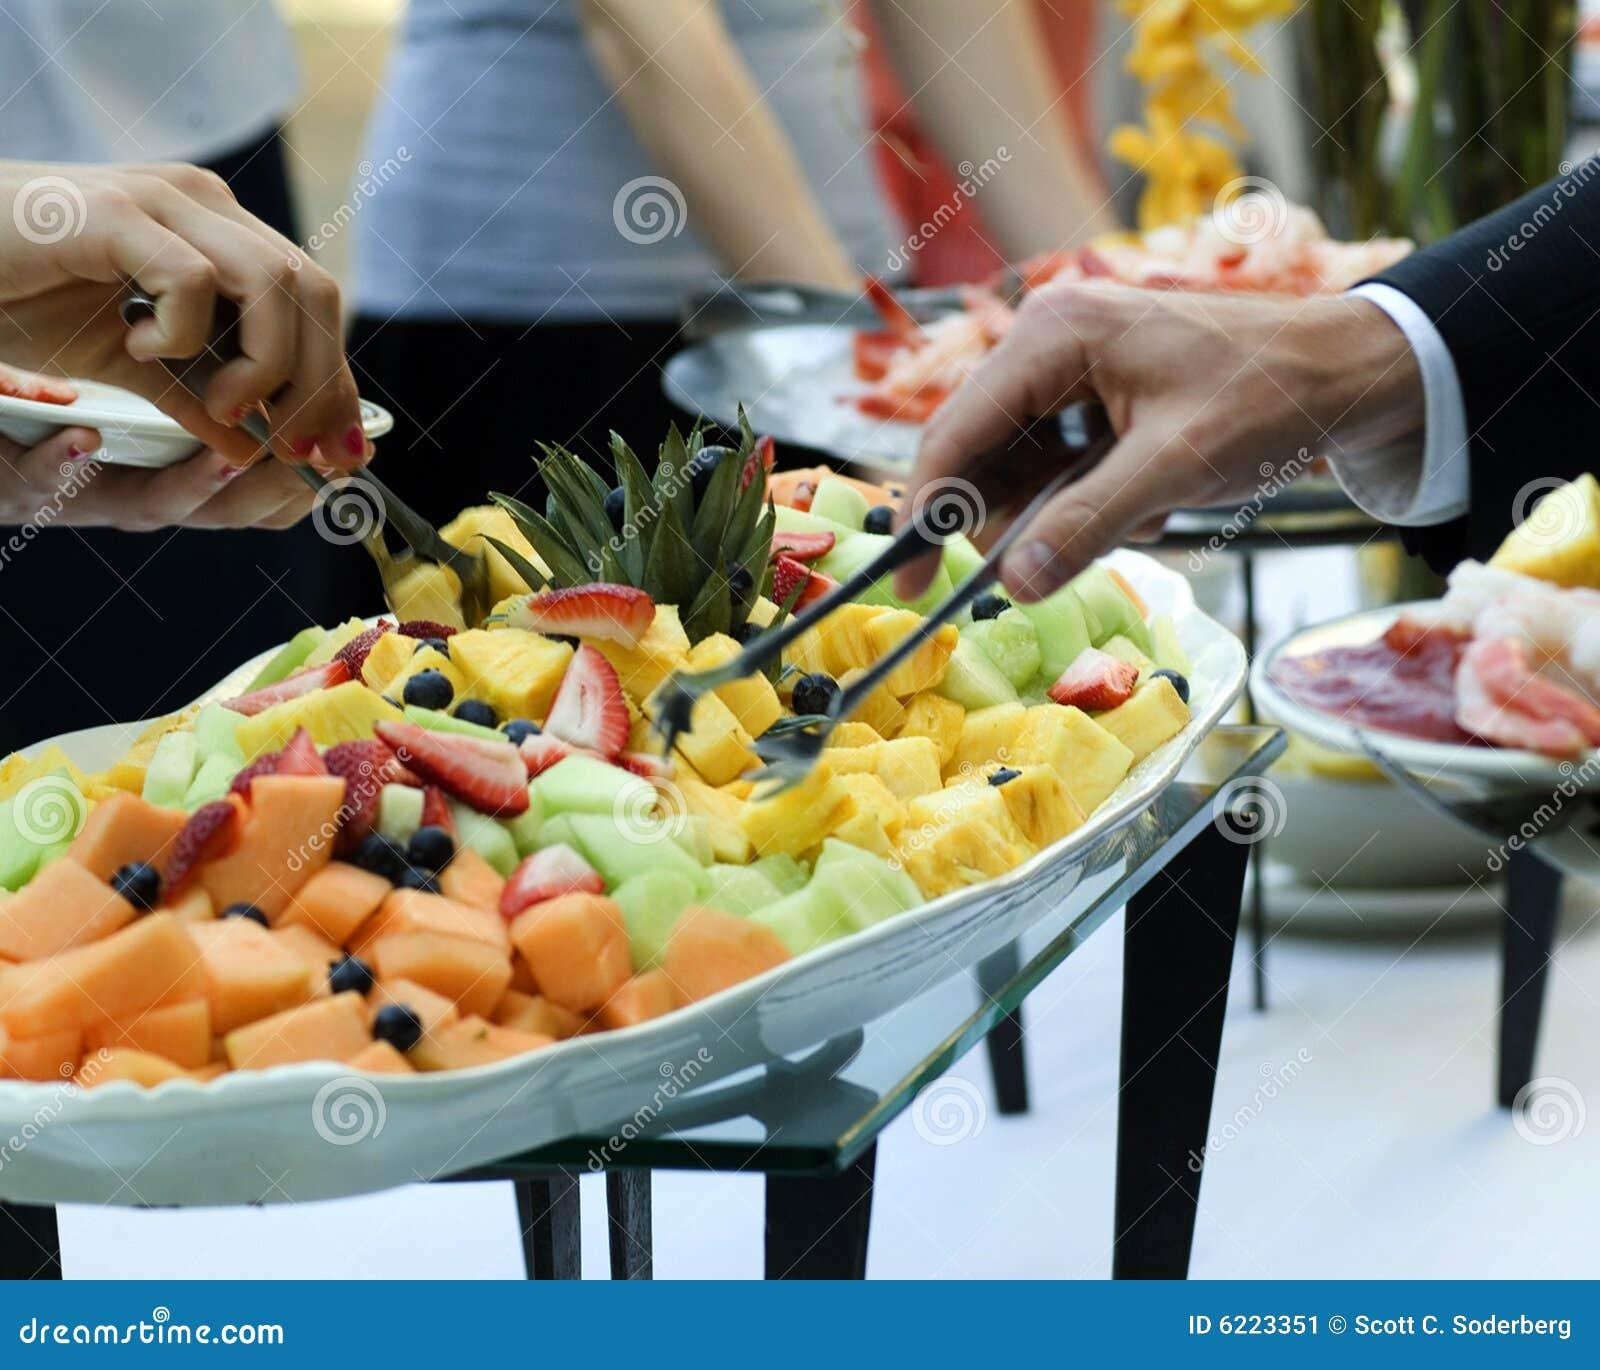 Fruit buffet platter